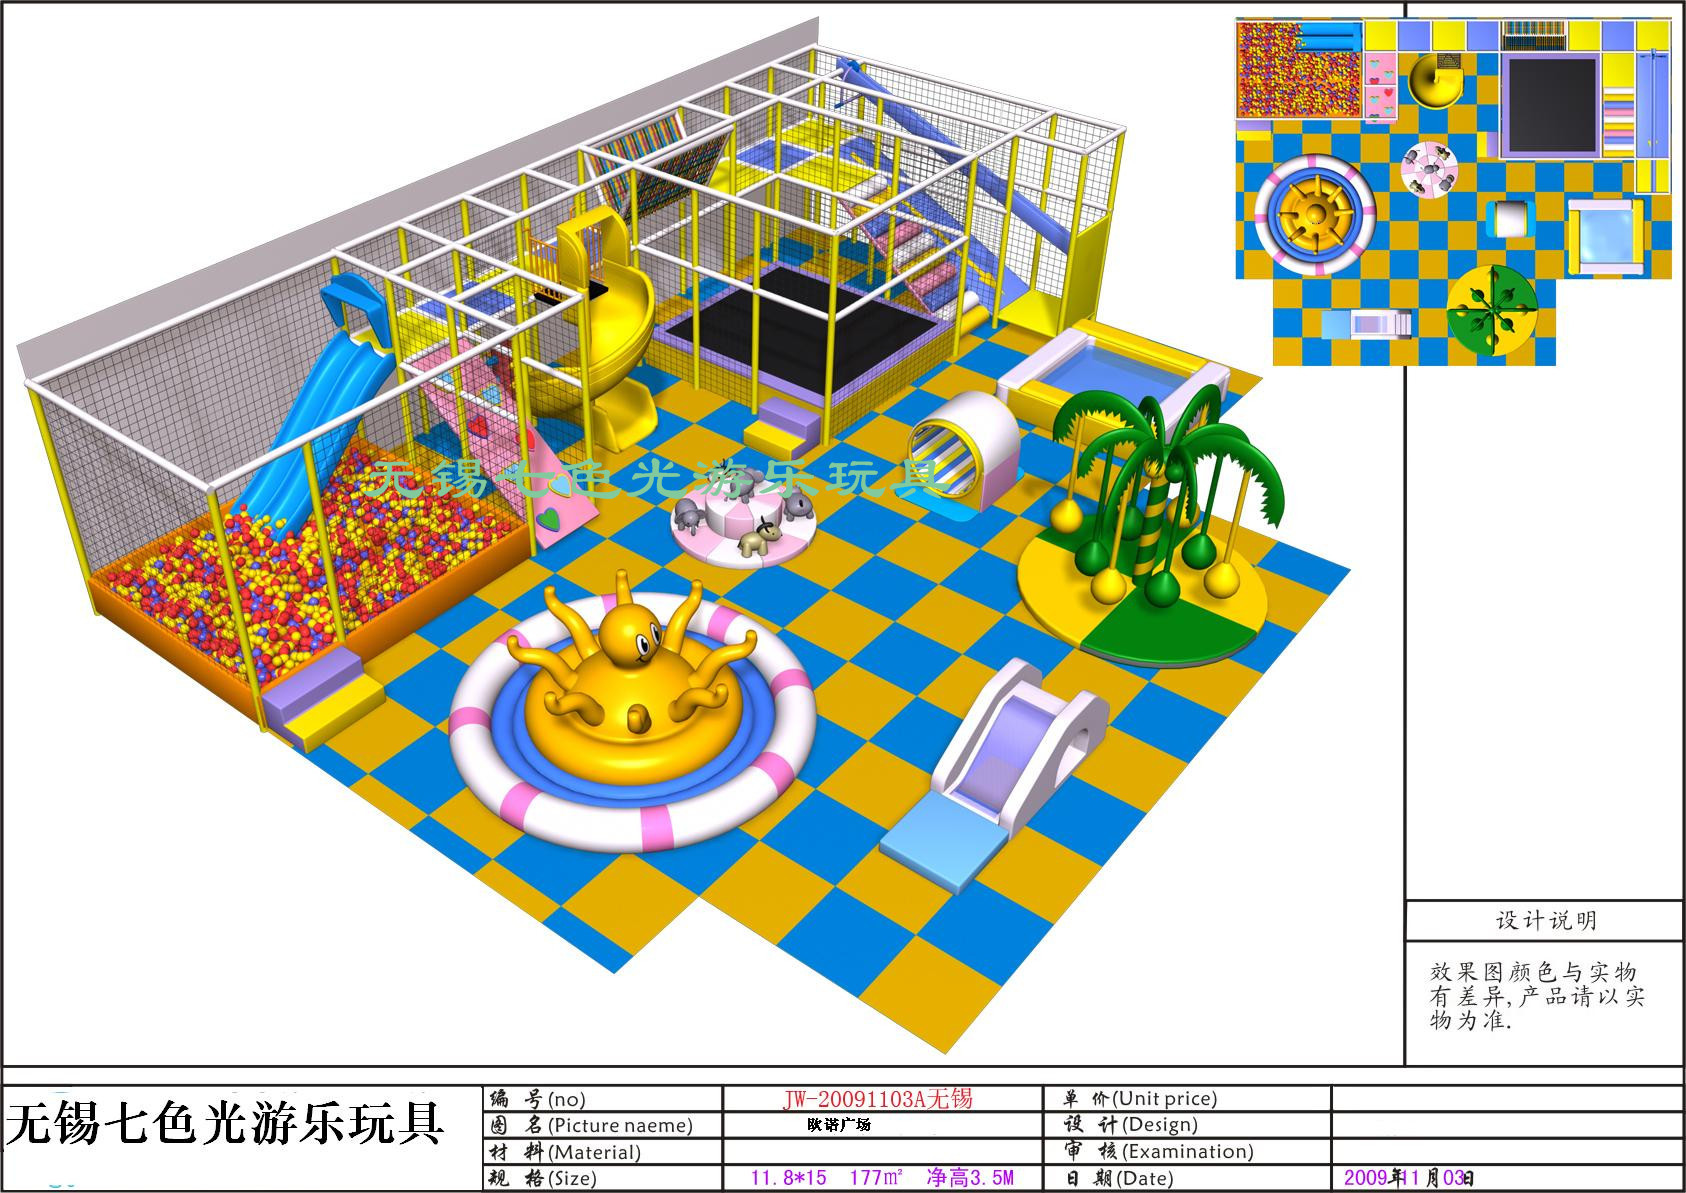 南京户外儿童大型设备,南京塑料玩具加工设备,南京大型玩具厂,